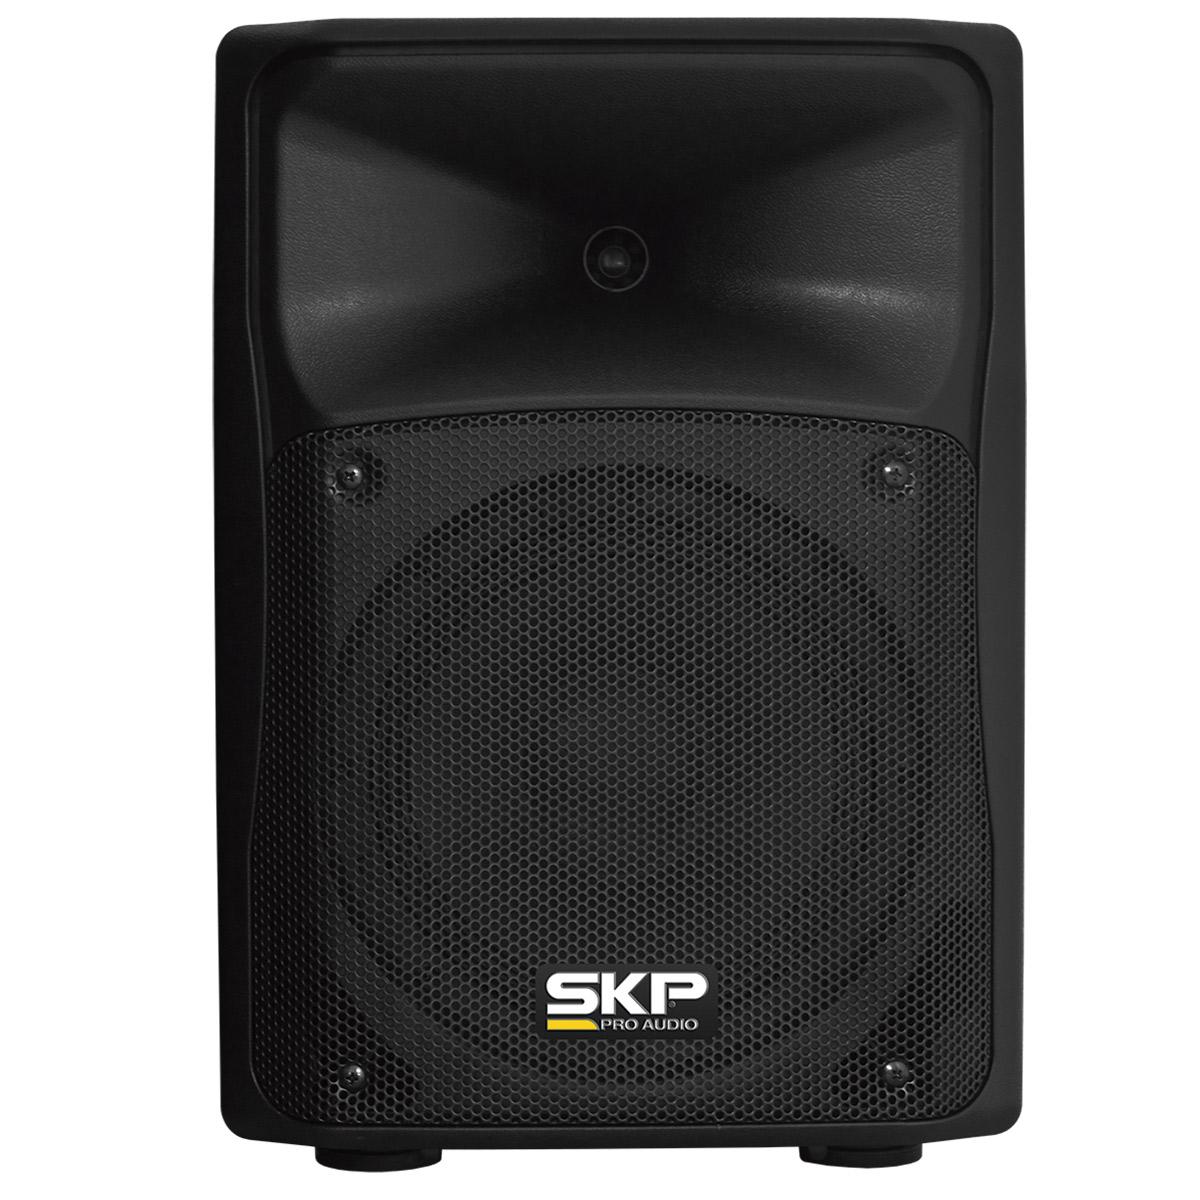 SK2P - Caixa Ativa 150W c/ Player USB SK 2P - SKP